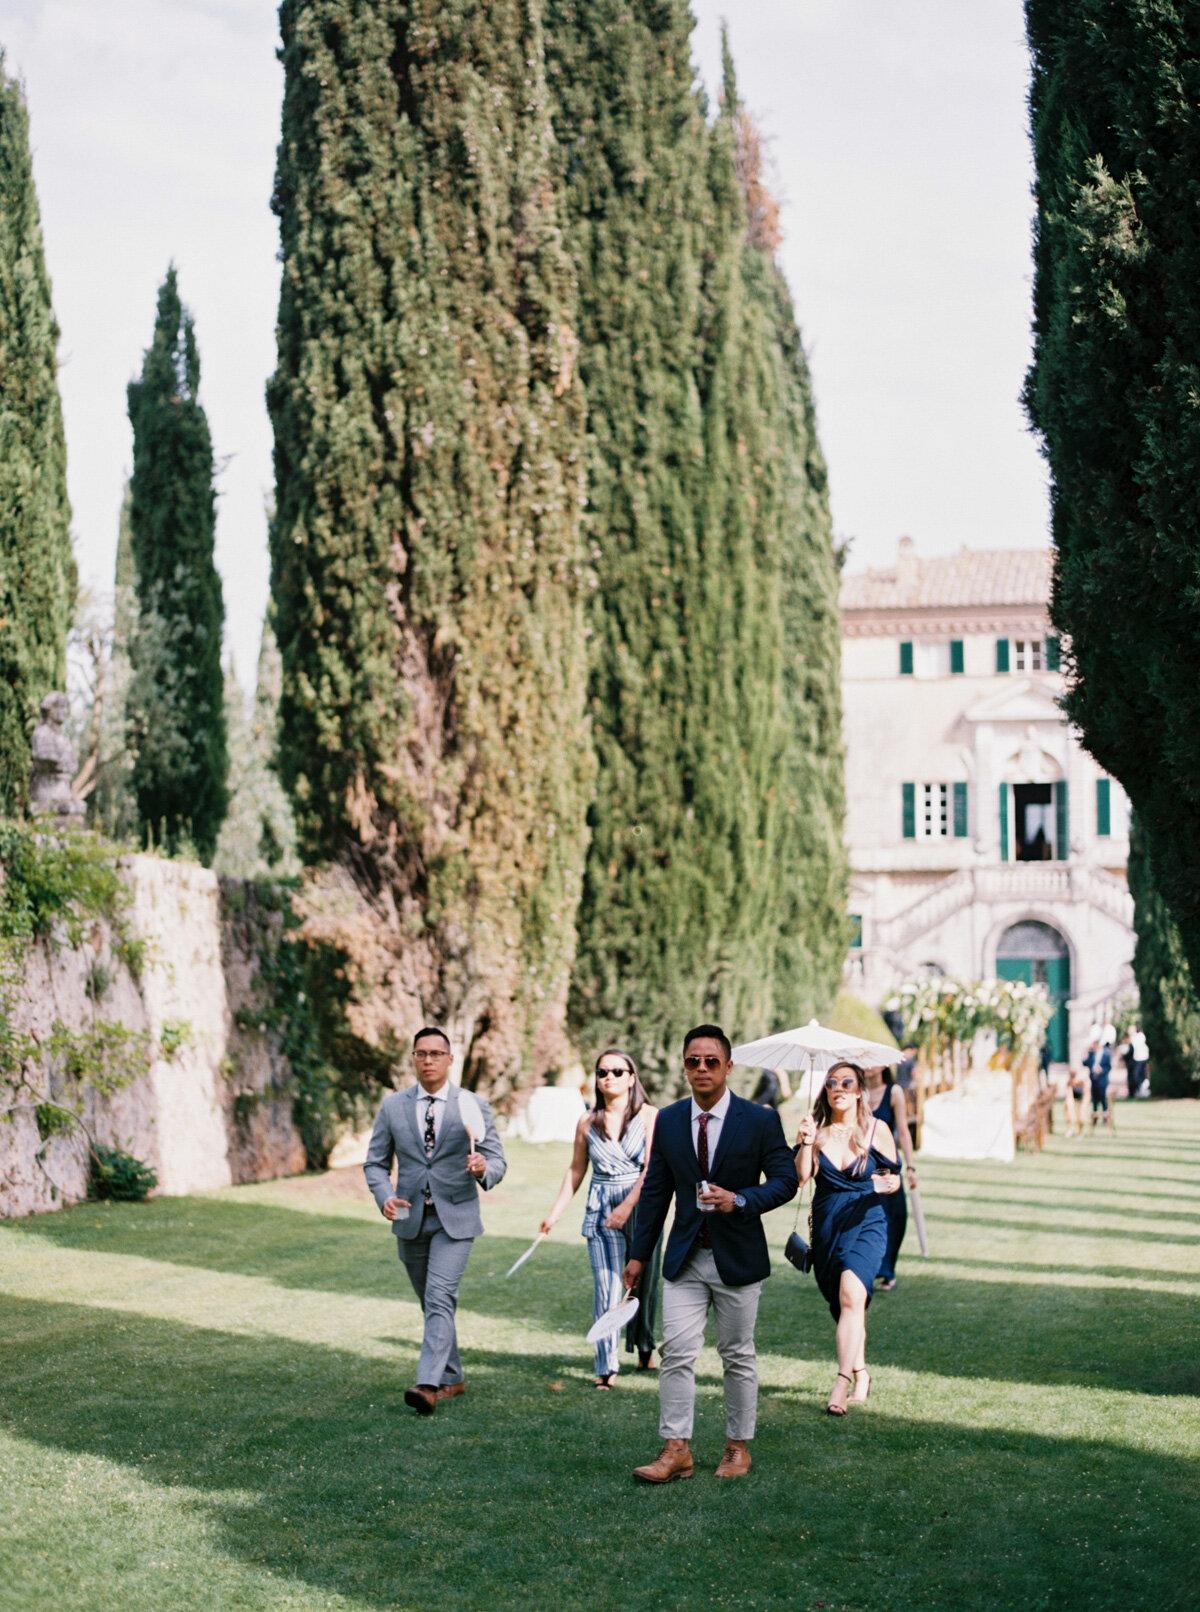 Villa-Cetinale-Tuscany-Katie-Grant-destination-wedding (52 of 115).jpg